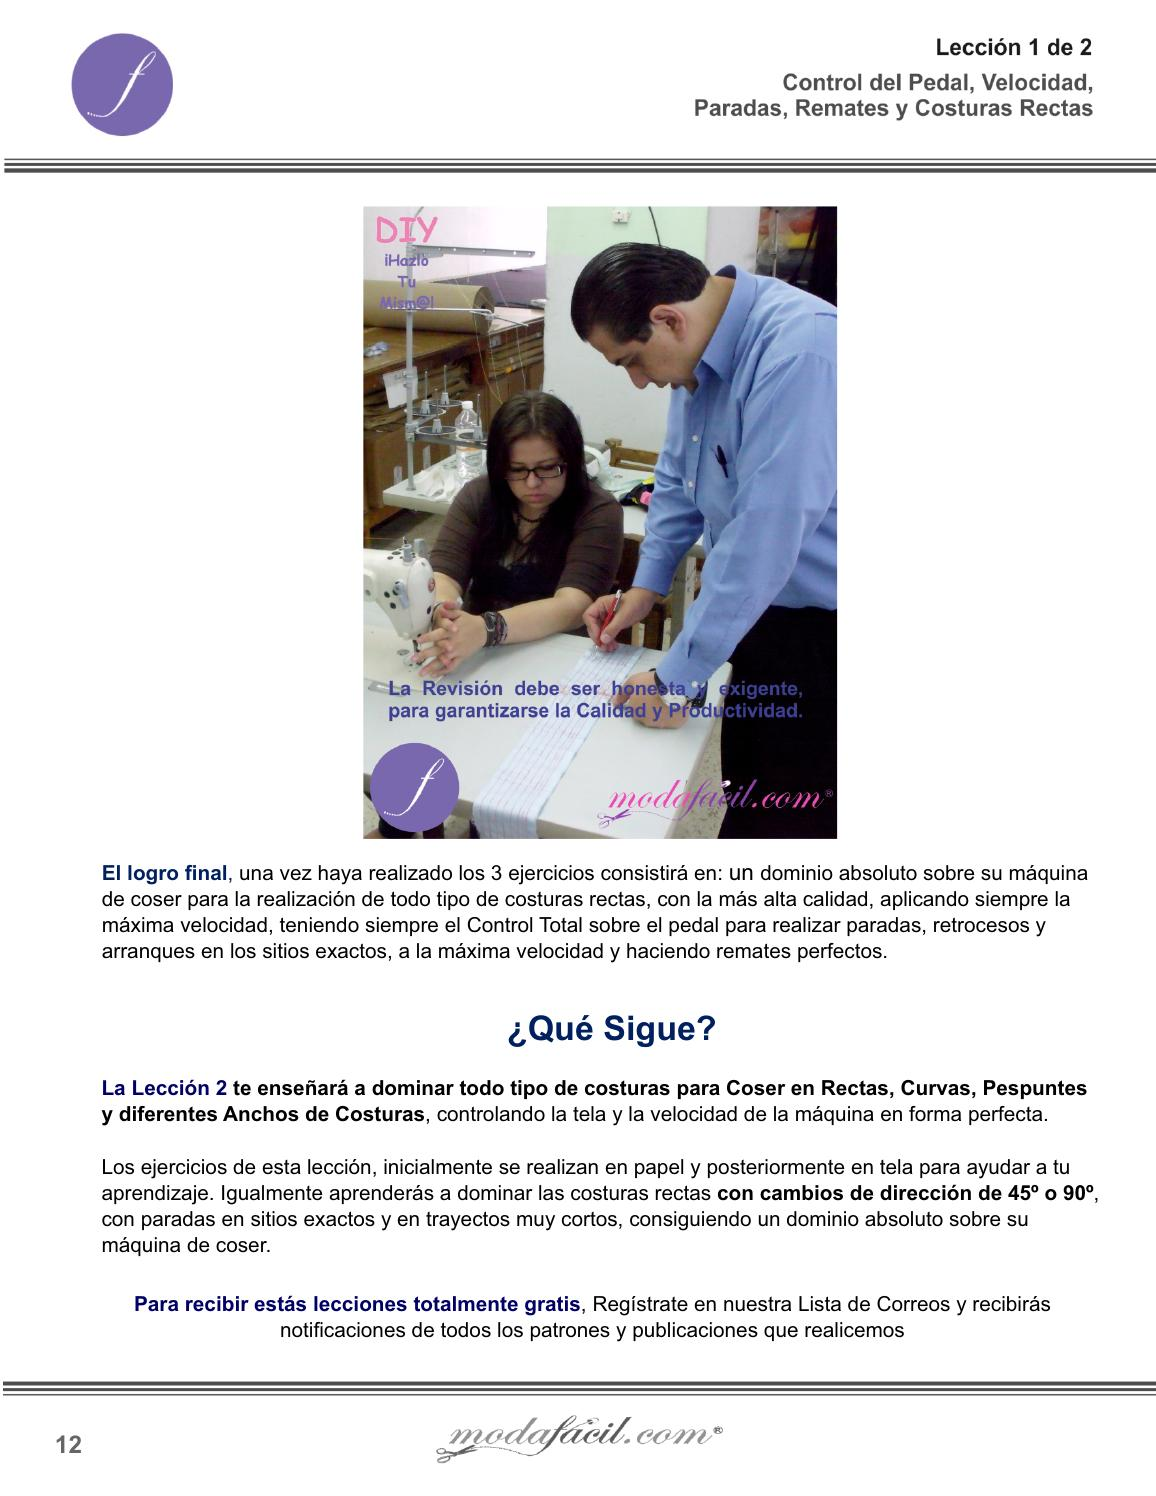 Manual de ejercicios para aprender a coser - lección 1 de 2 by ...